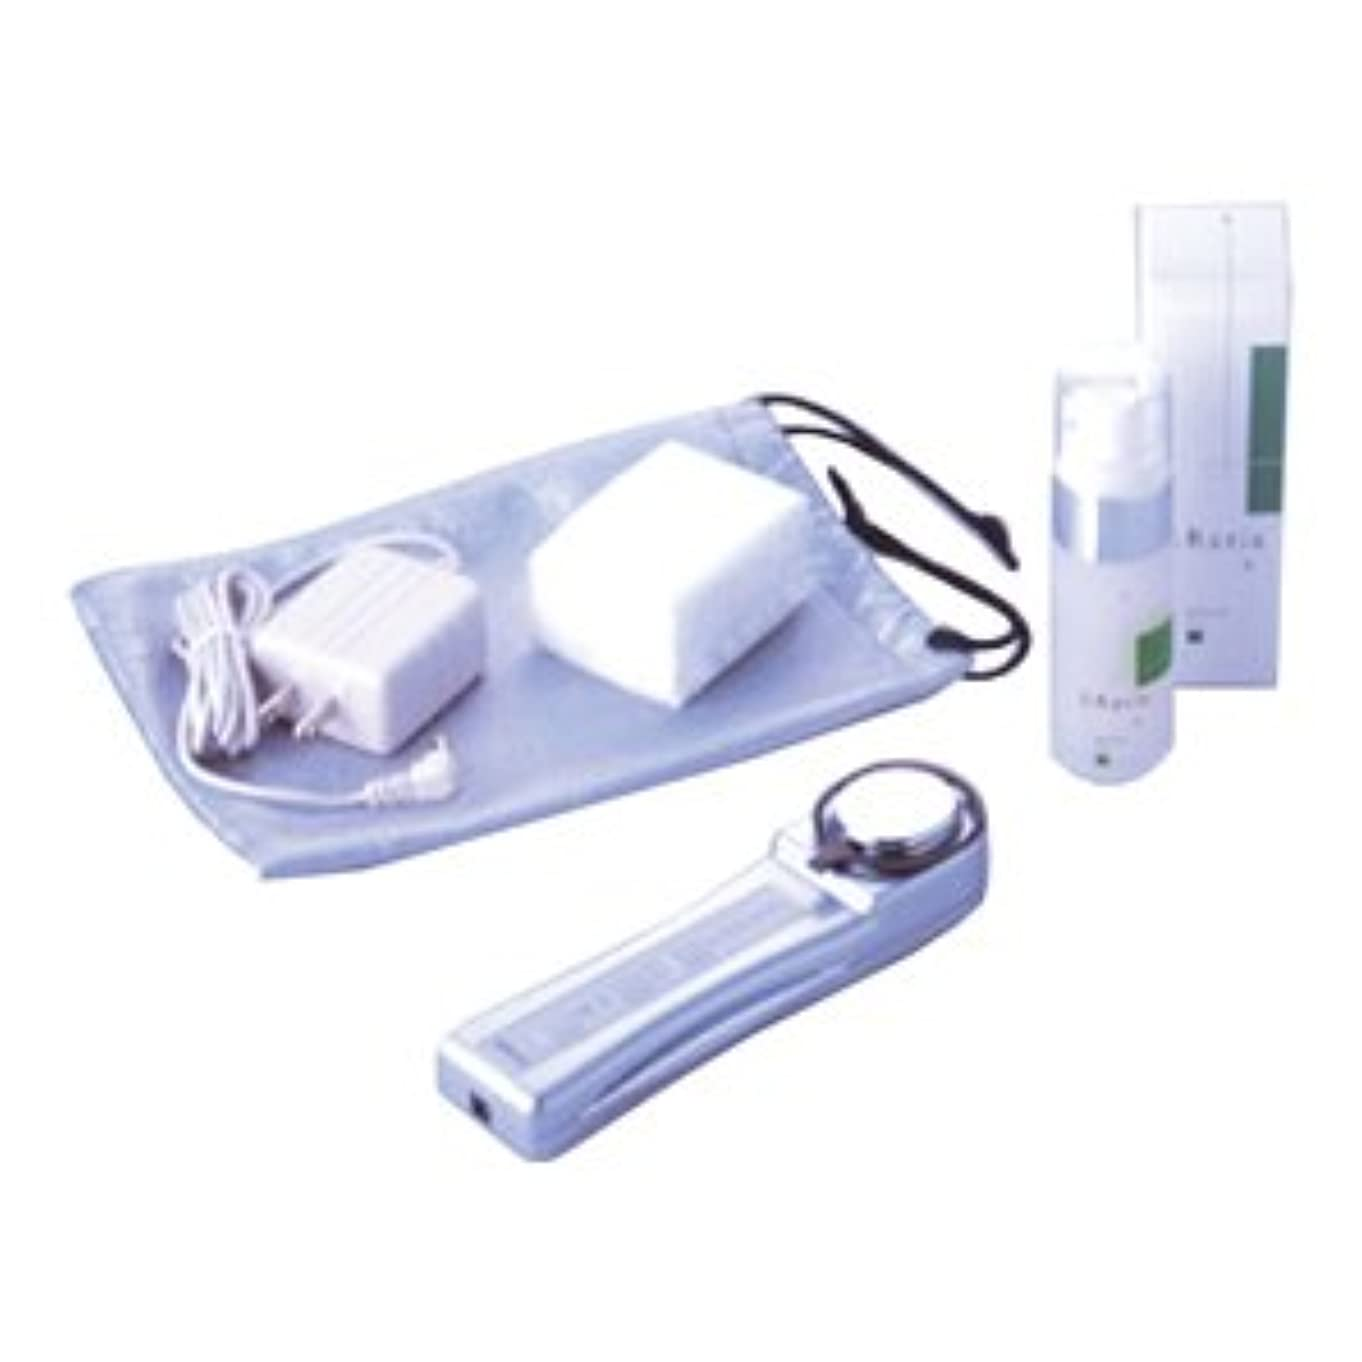 ブート変更可能平和的&ラティア ミクシオン(イオン導入器)※専用美容液付